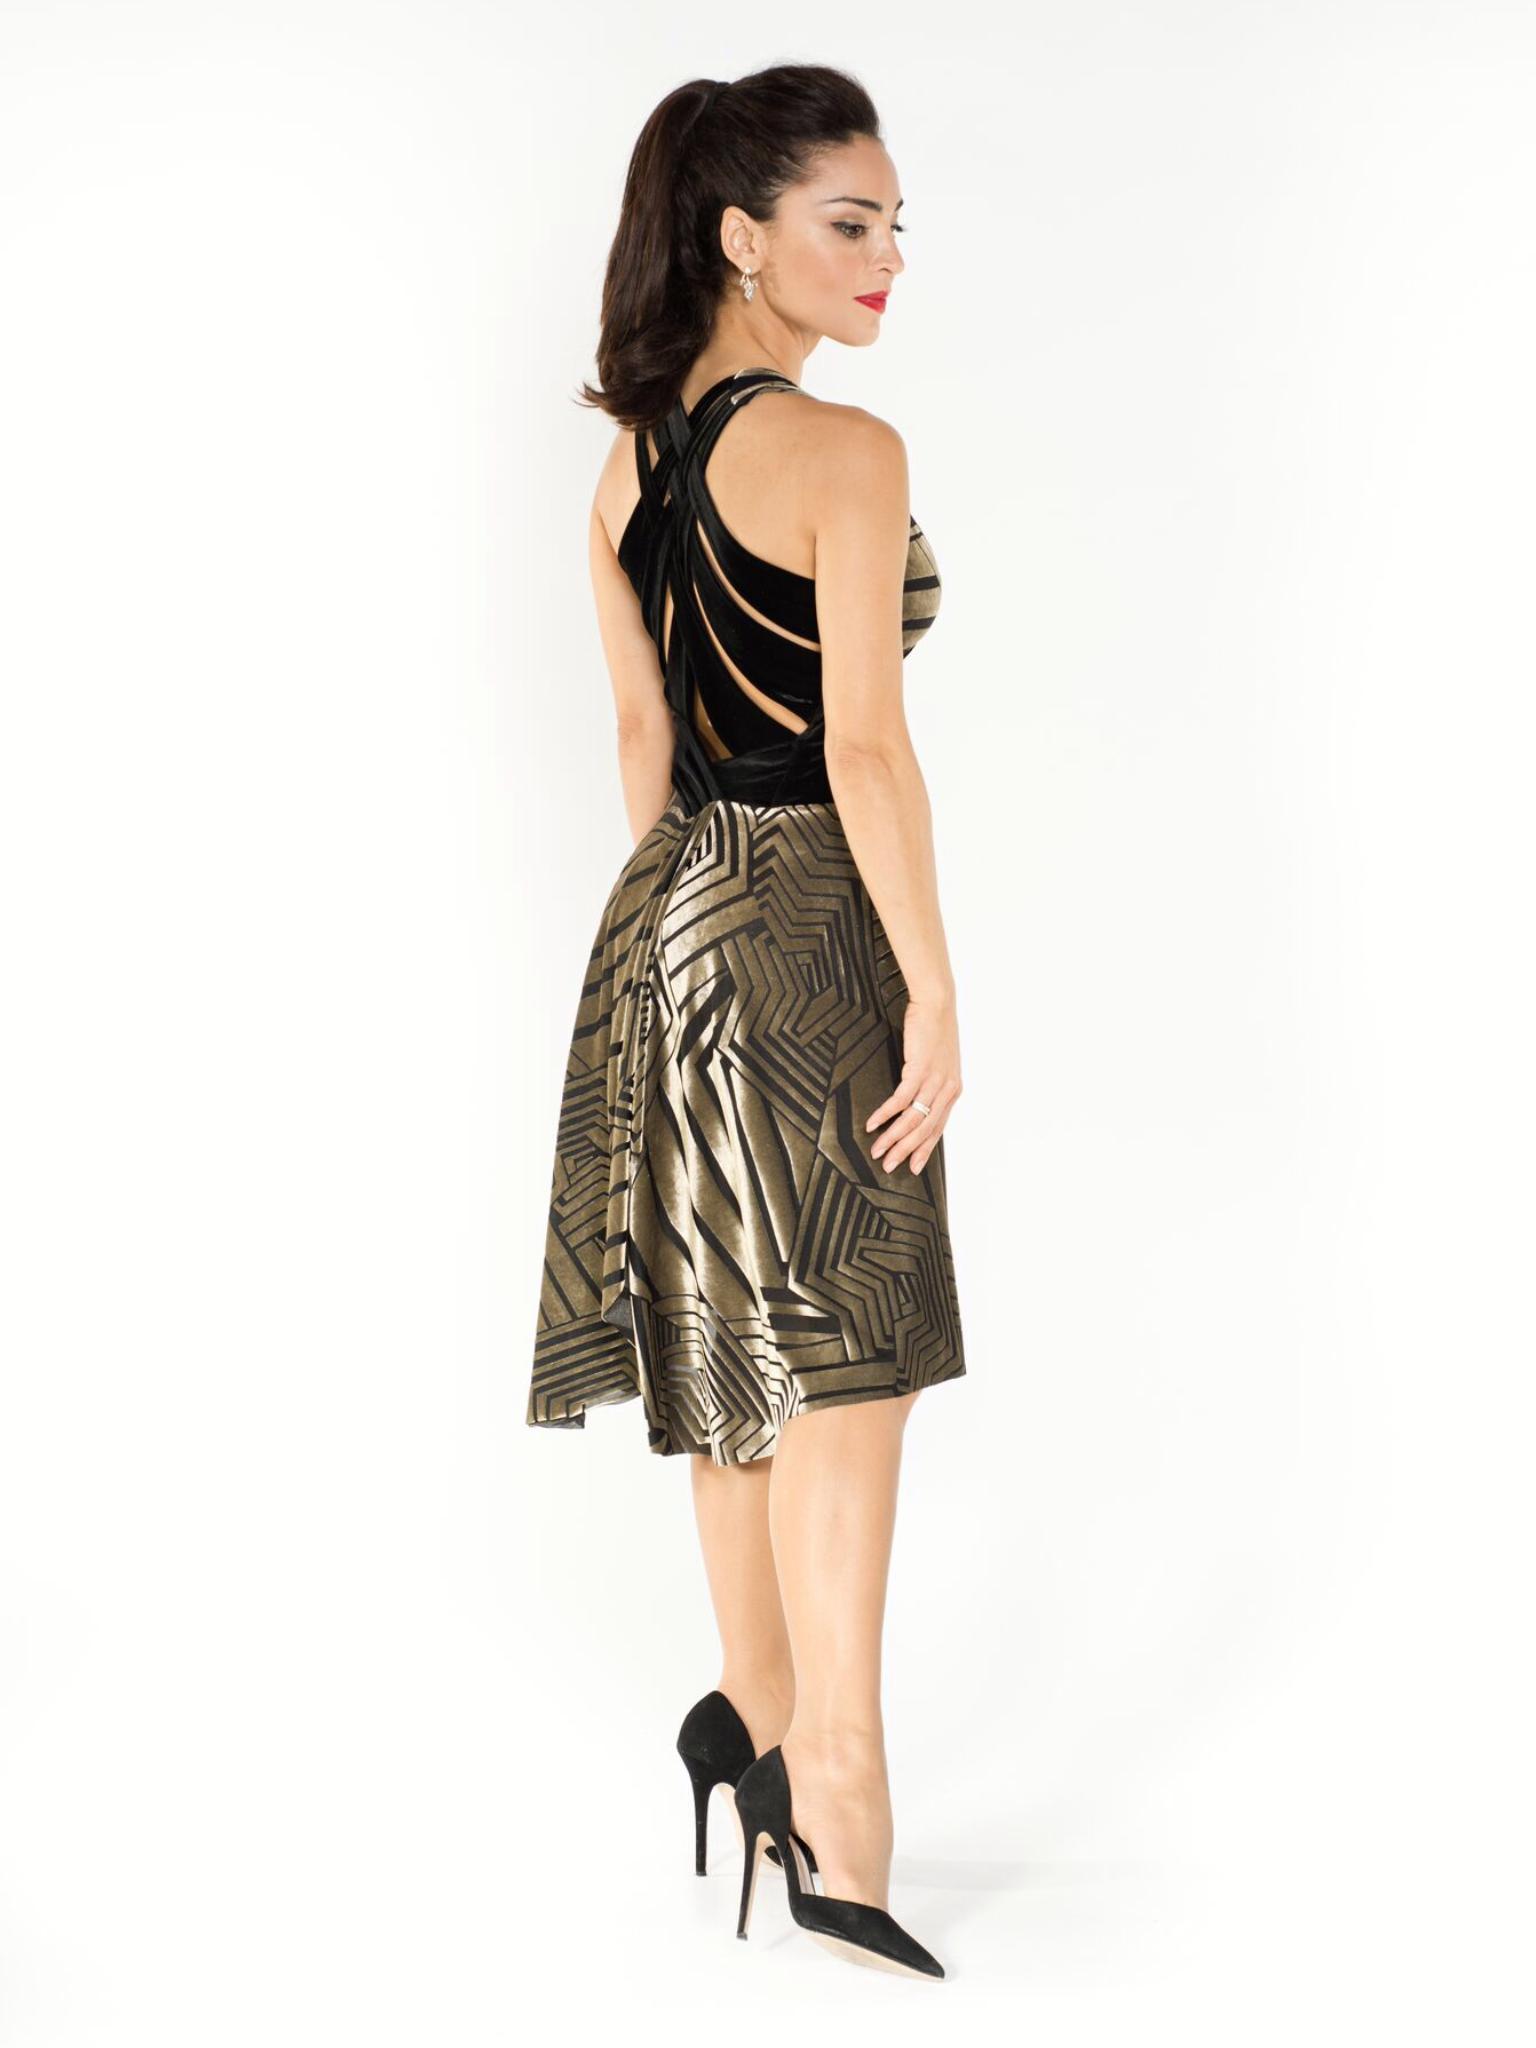 c07ba2900e4 Six straps velvet devore dress